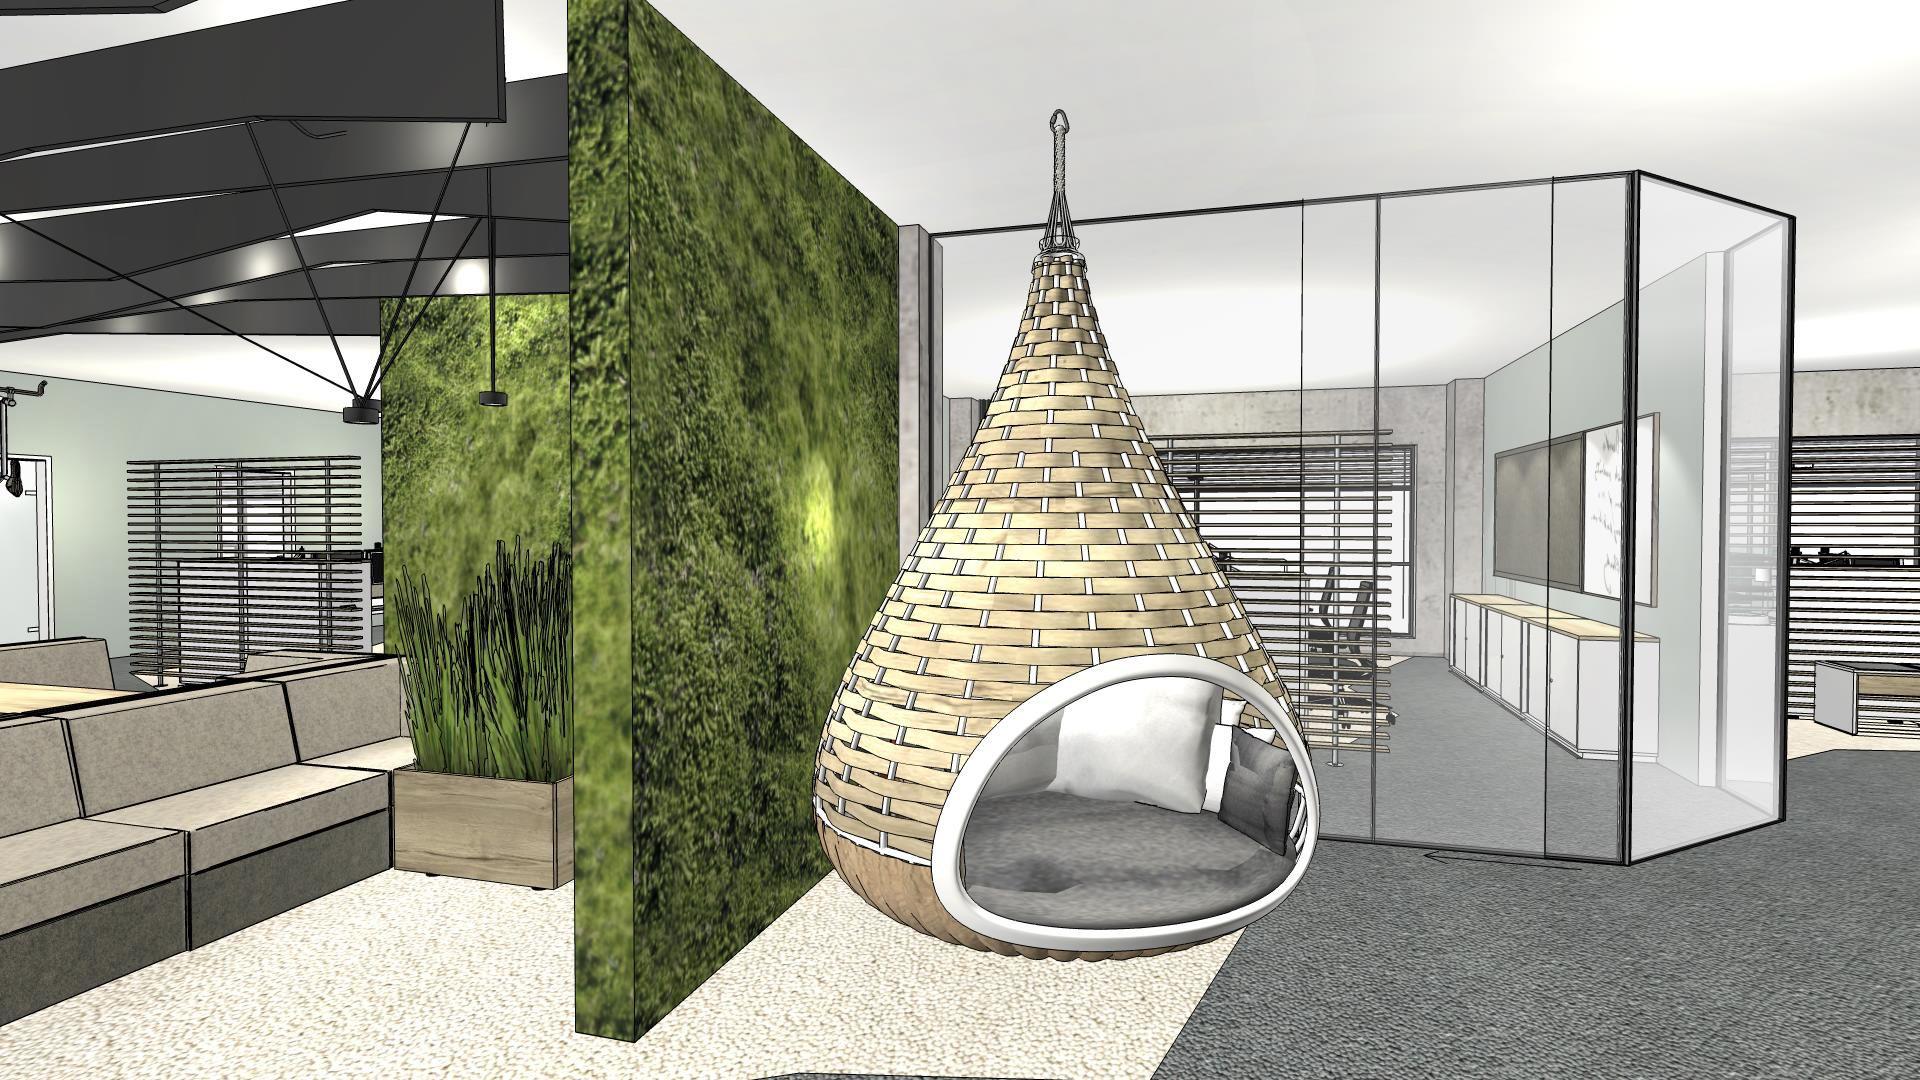 b ro planung unterschiedliche sitzgelegenheiten helfen die perspektive zu wechseln hier hilft. Black Bedroom Furniture Sets. Home Design Ideas